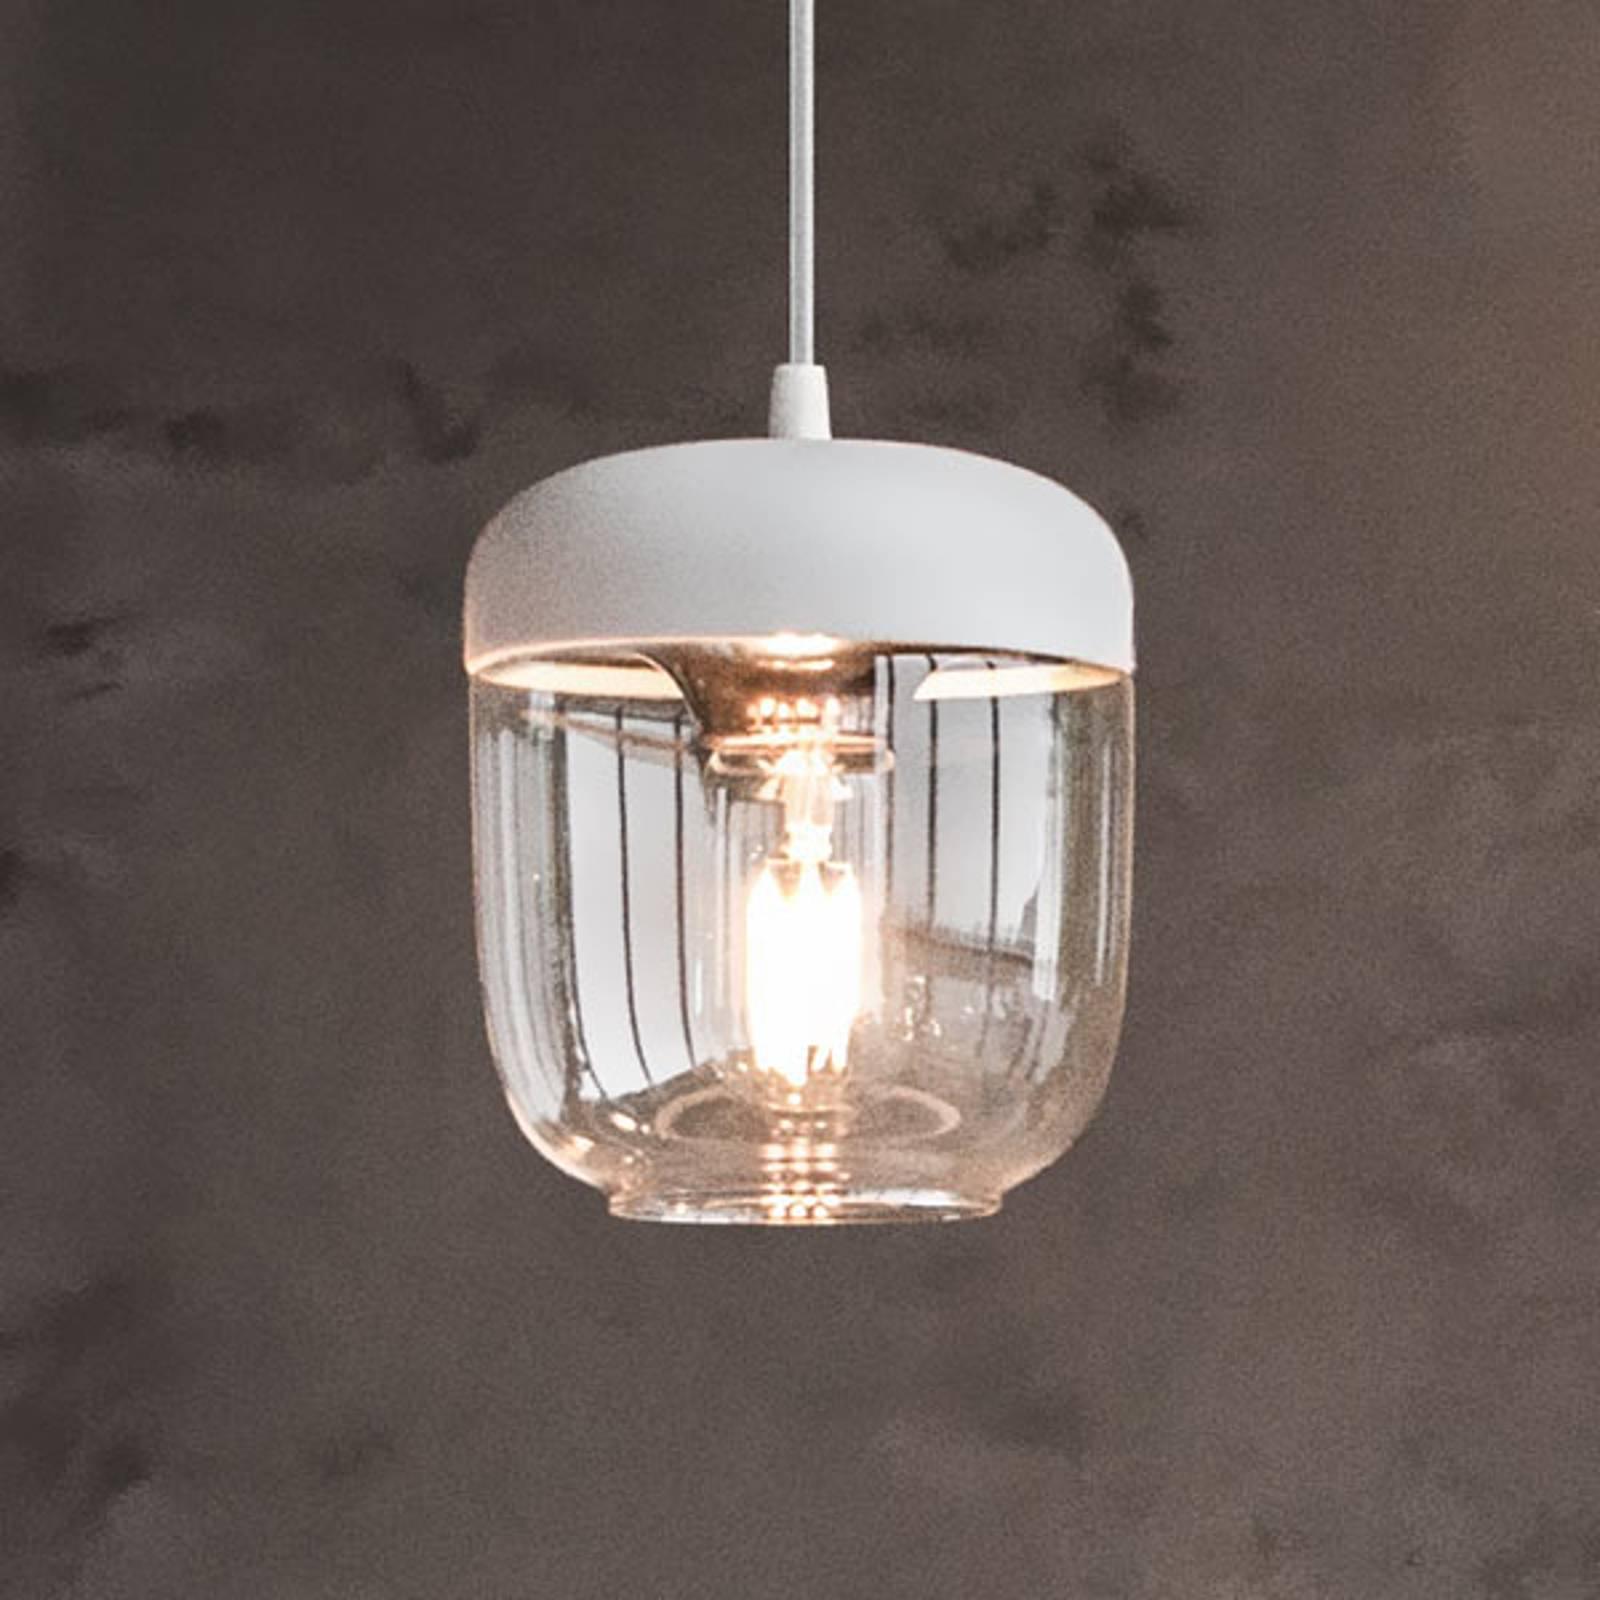 UMAGE Acorn hanglamp wit/koper